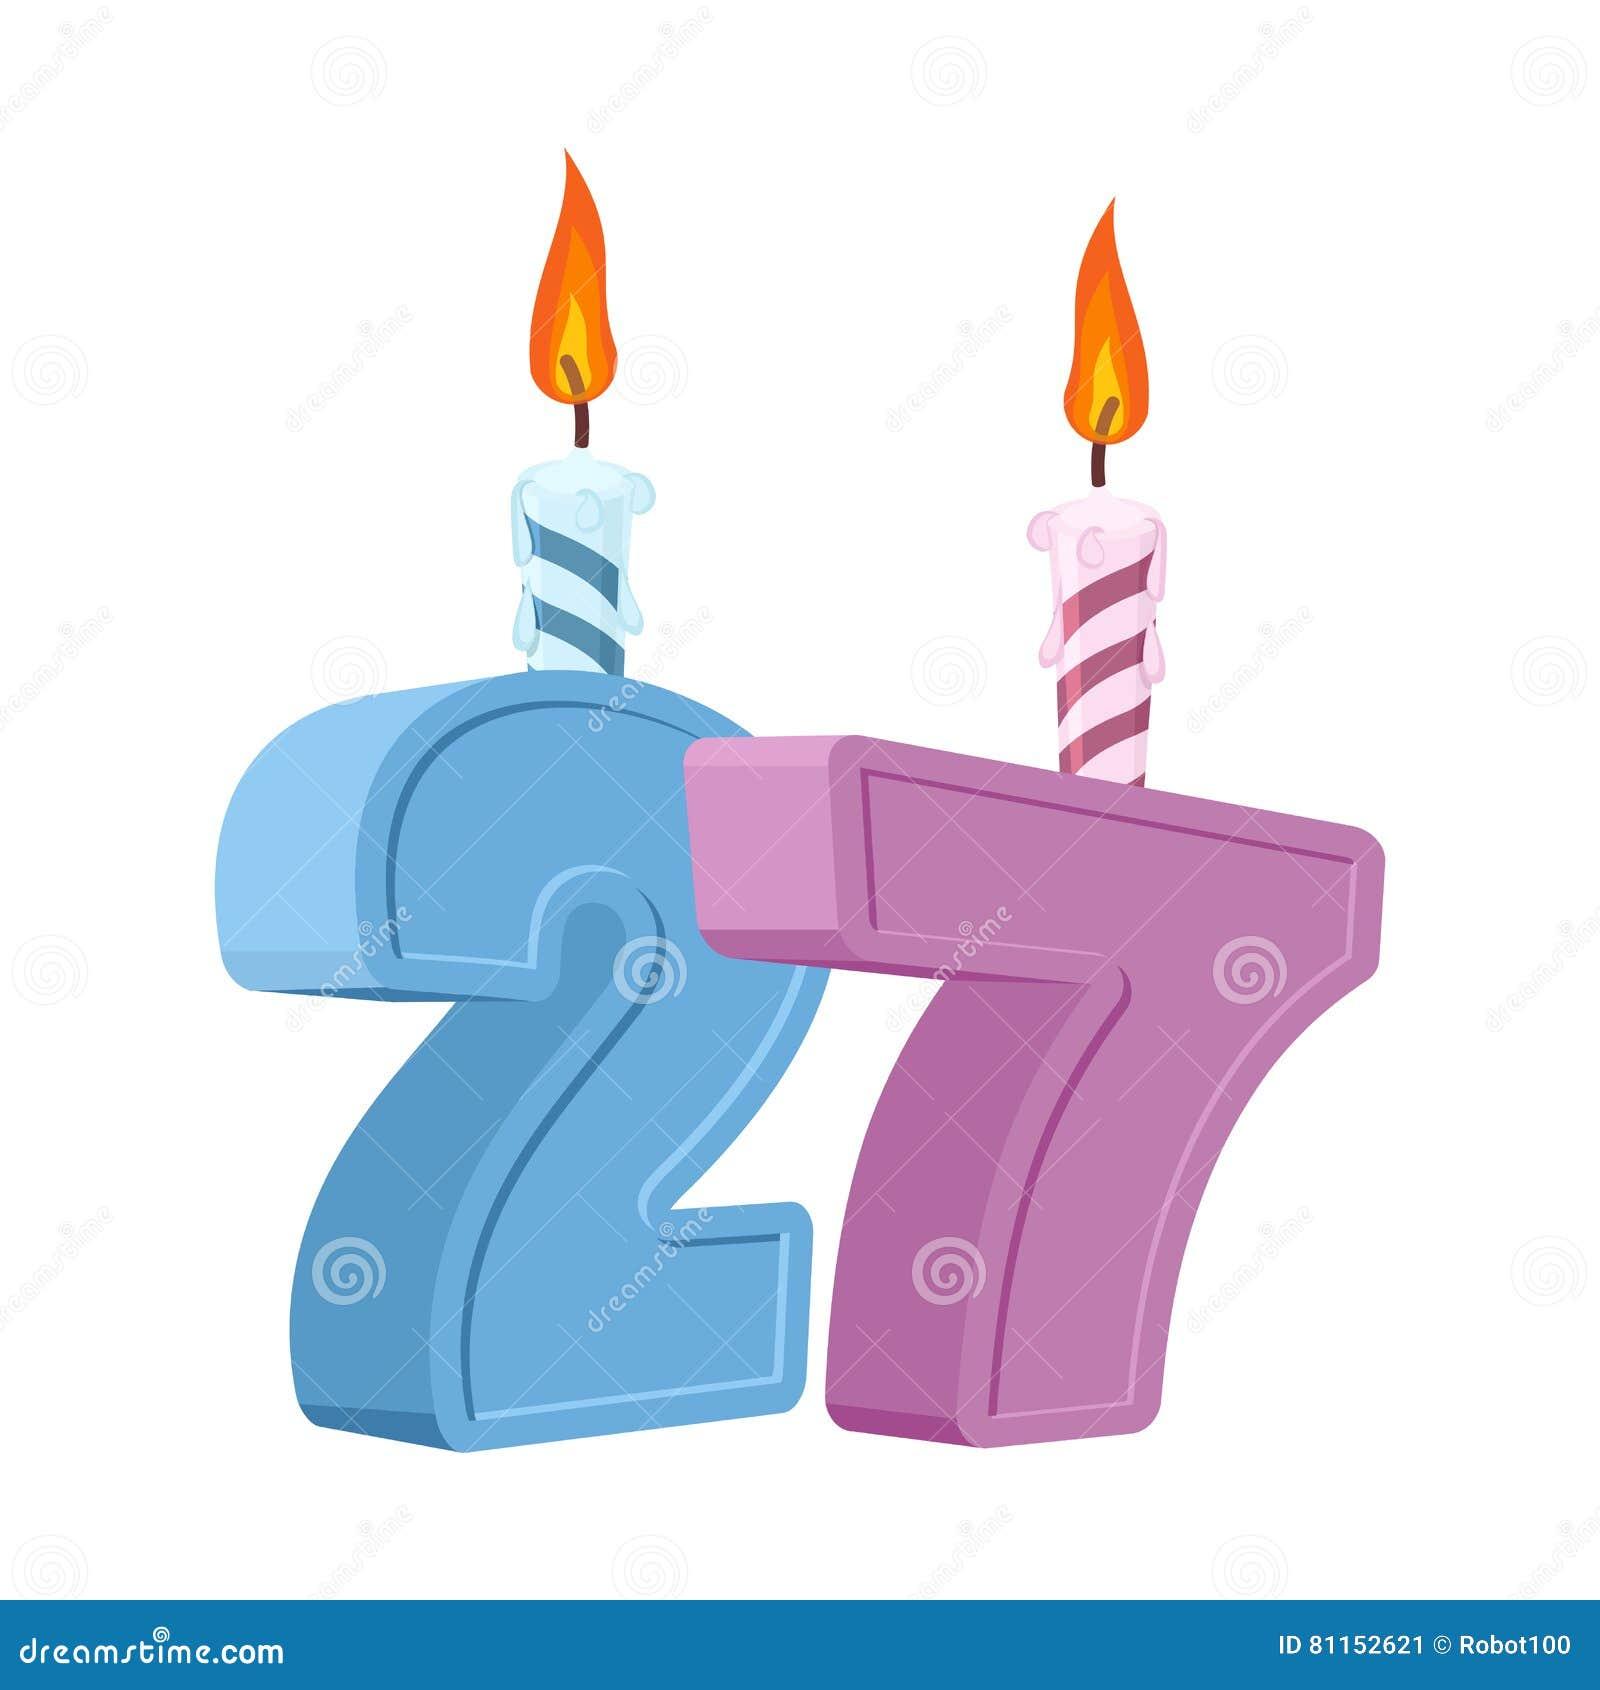 27 Jaar Verjaardags Aantal Met Feestelijke Kaars Voor Vakantiecake